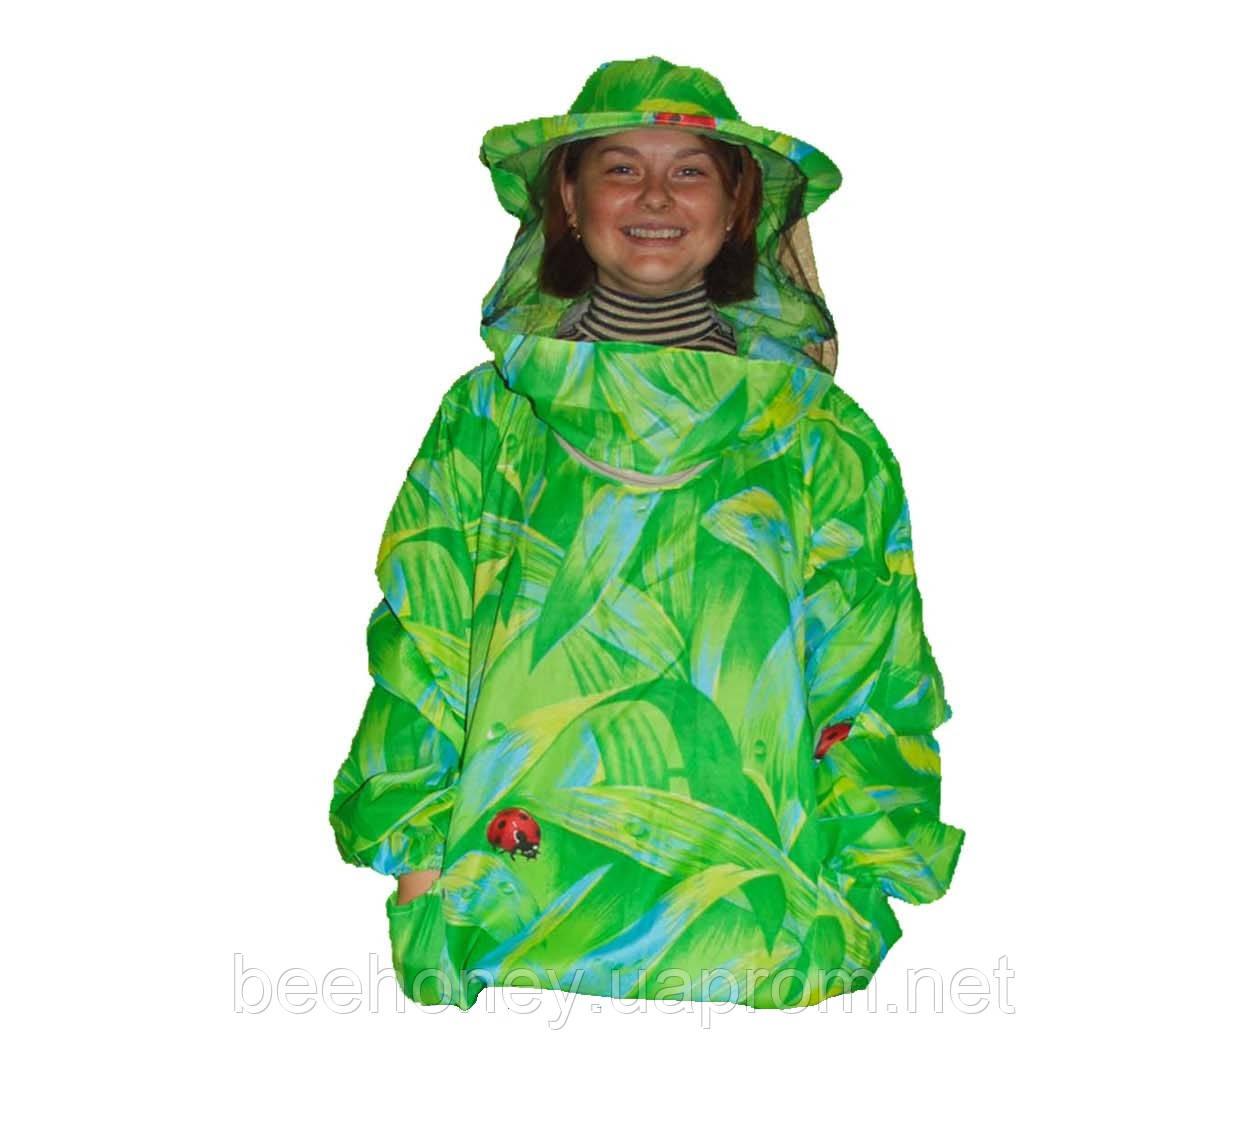 Куртка пчеловода Классика 100% Хлопок облегчённый. Разме Классика 100% Хлопок облегчённый. Размер ХХXL / 56-58